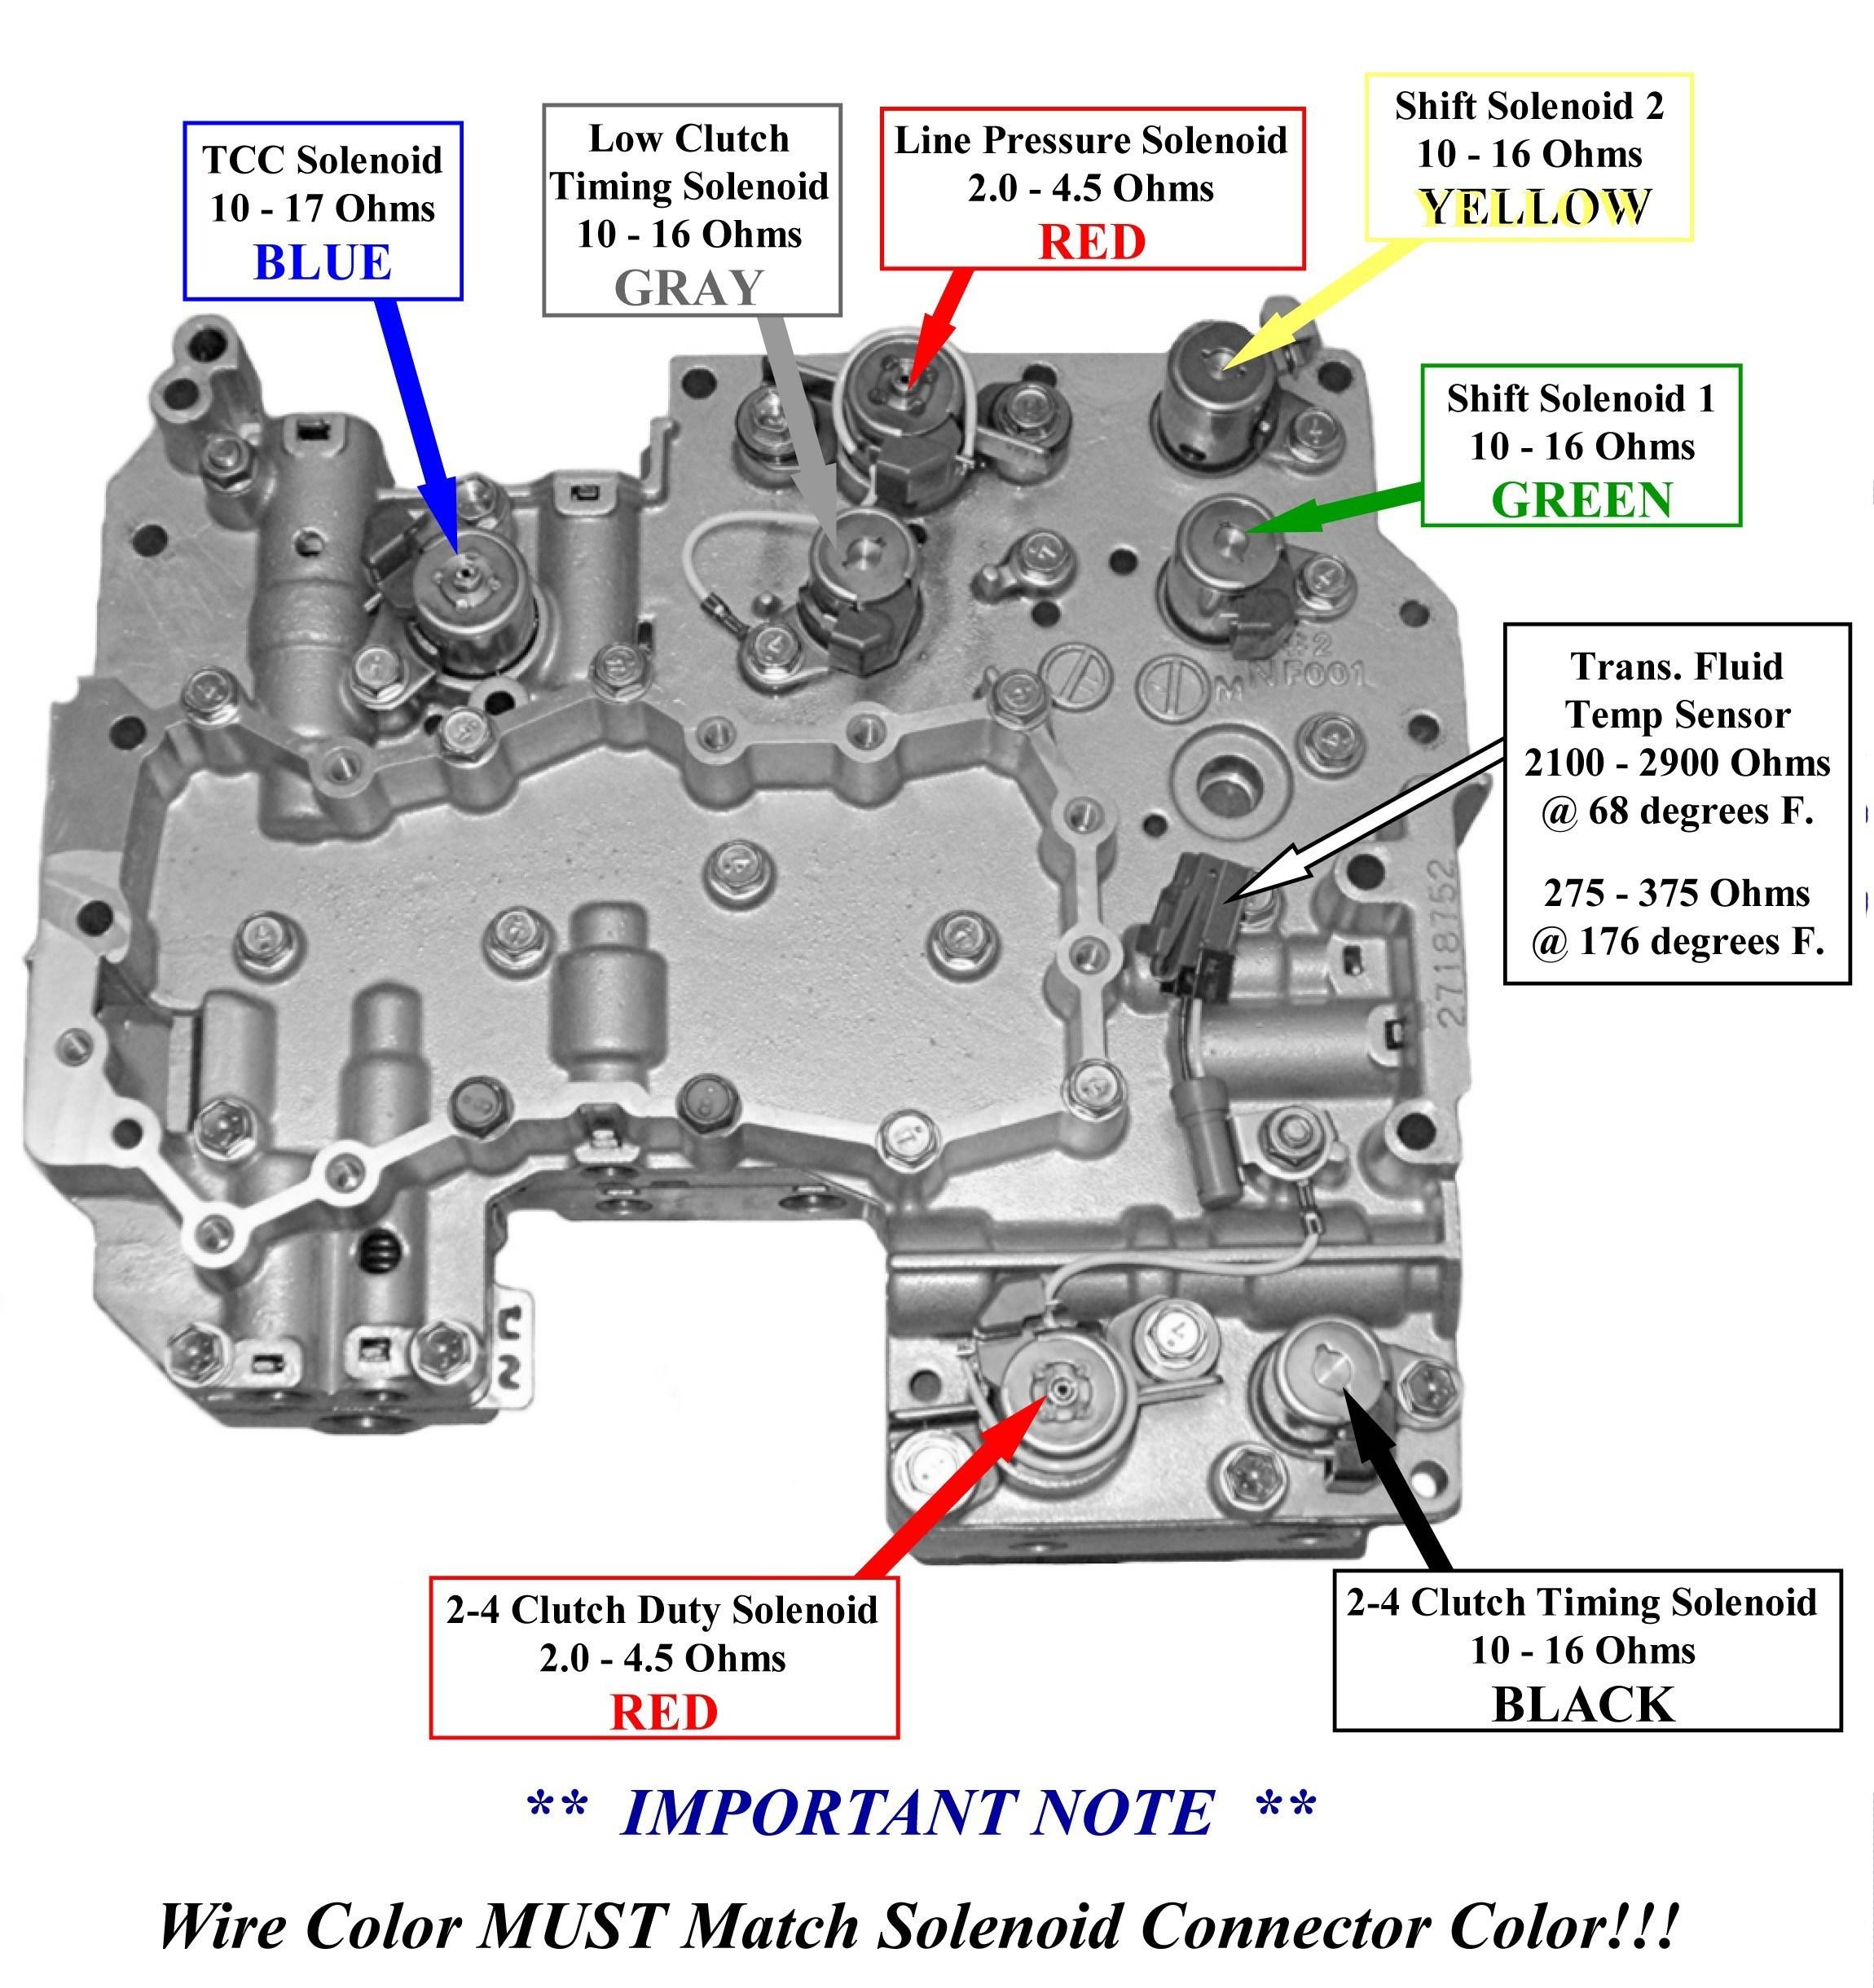 4l30e Wiring Diagram - G2 wiring diagram4.17.ab.institut-triskell-de-diamant.fr